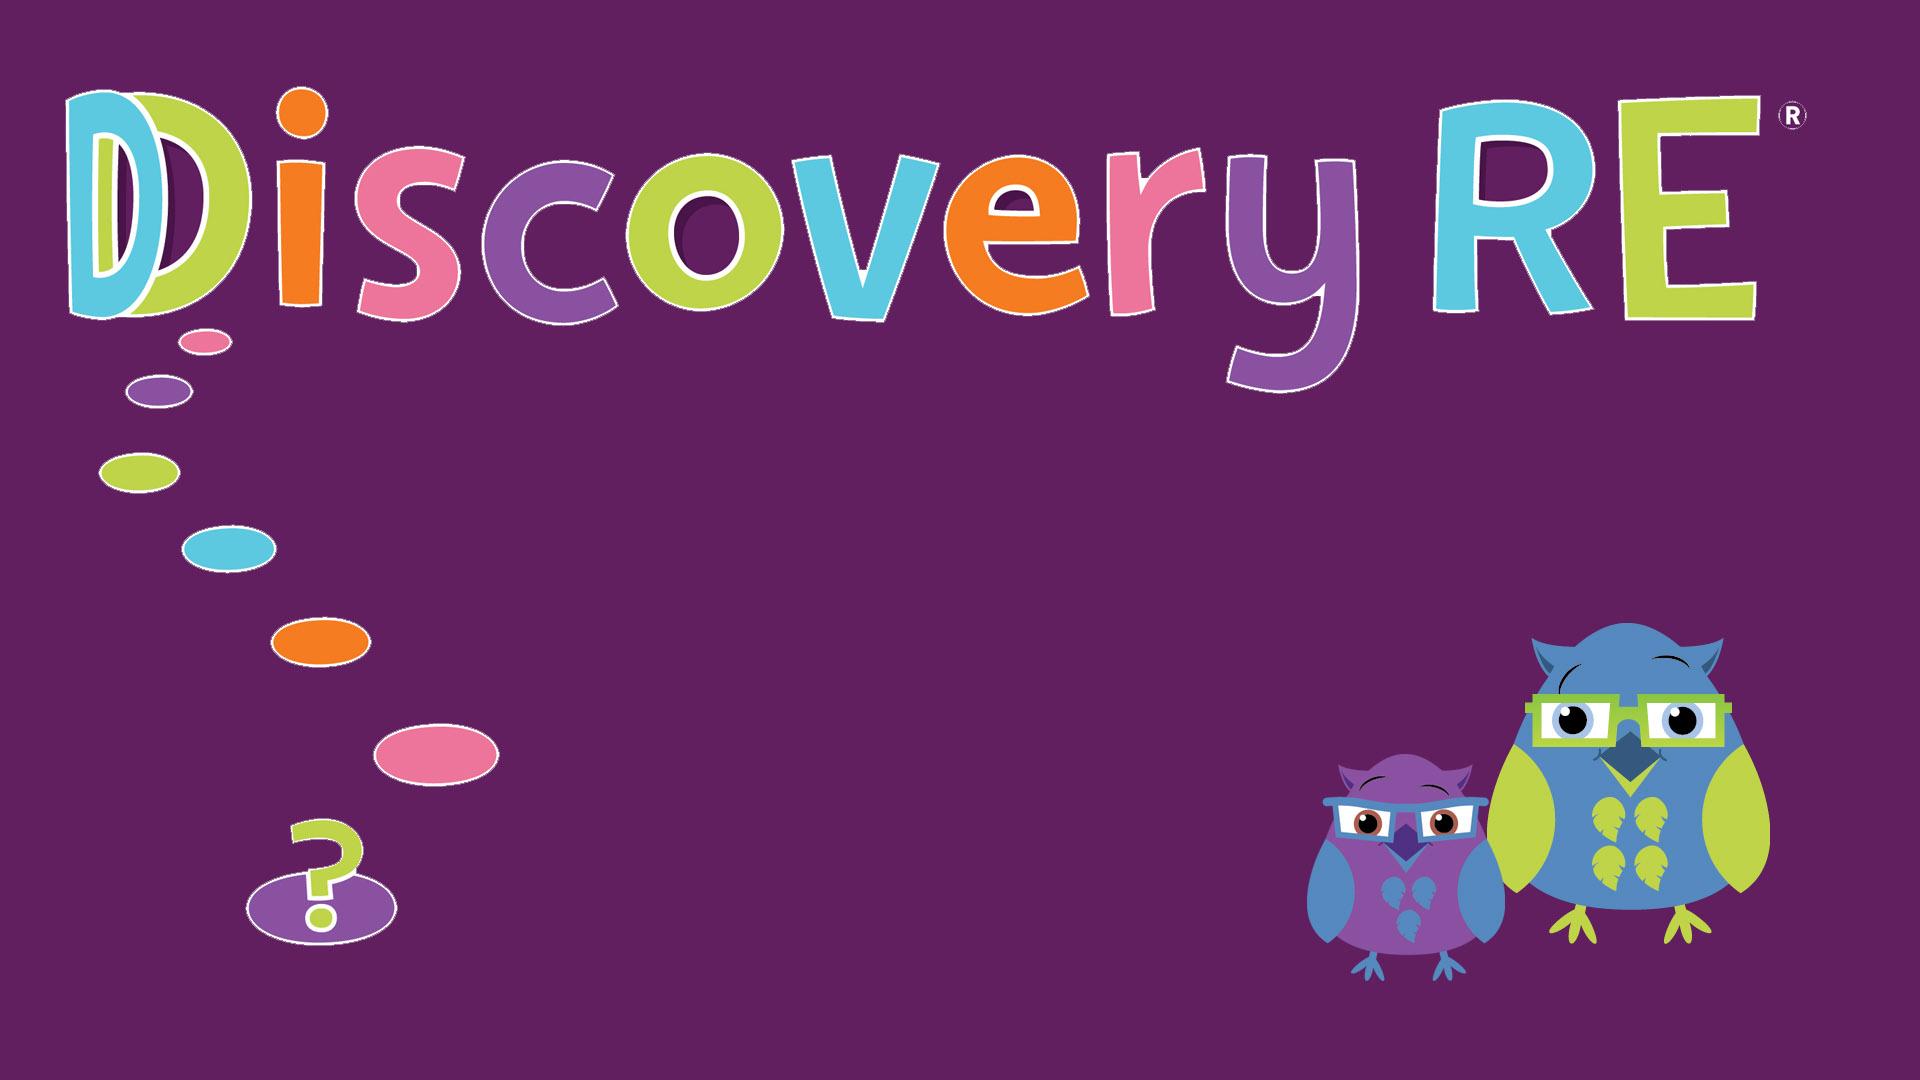 http://discoveryschemeofwork.com/wp-content/uploads/2015/01/Discovery-RE-logo-XL-Owls.jpg